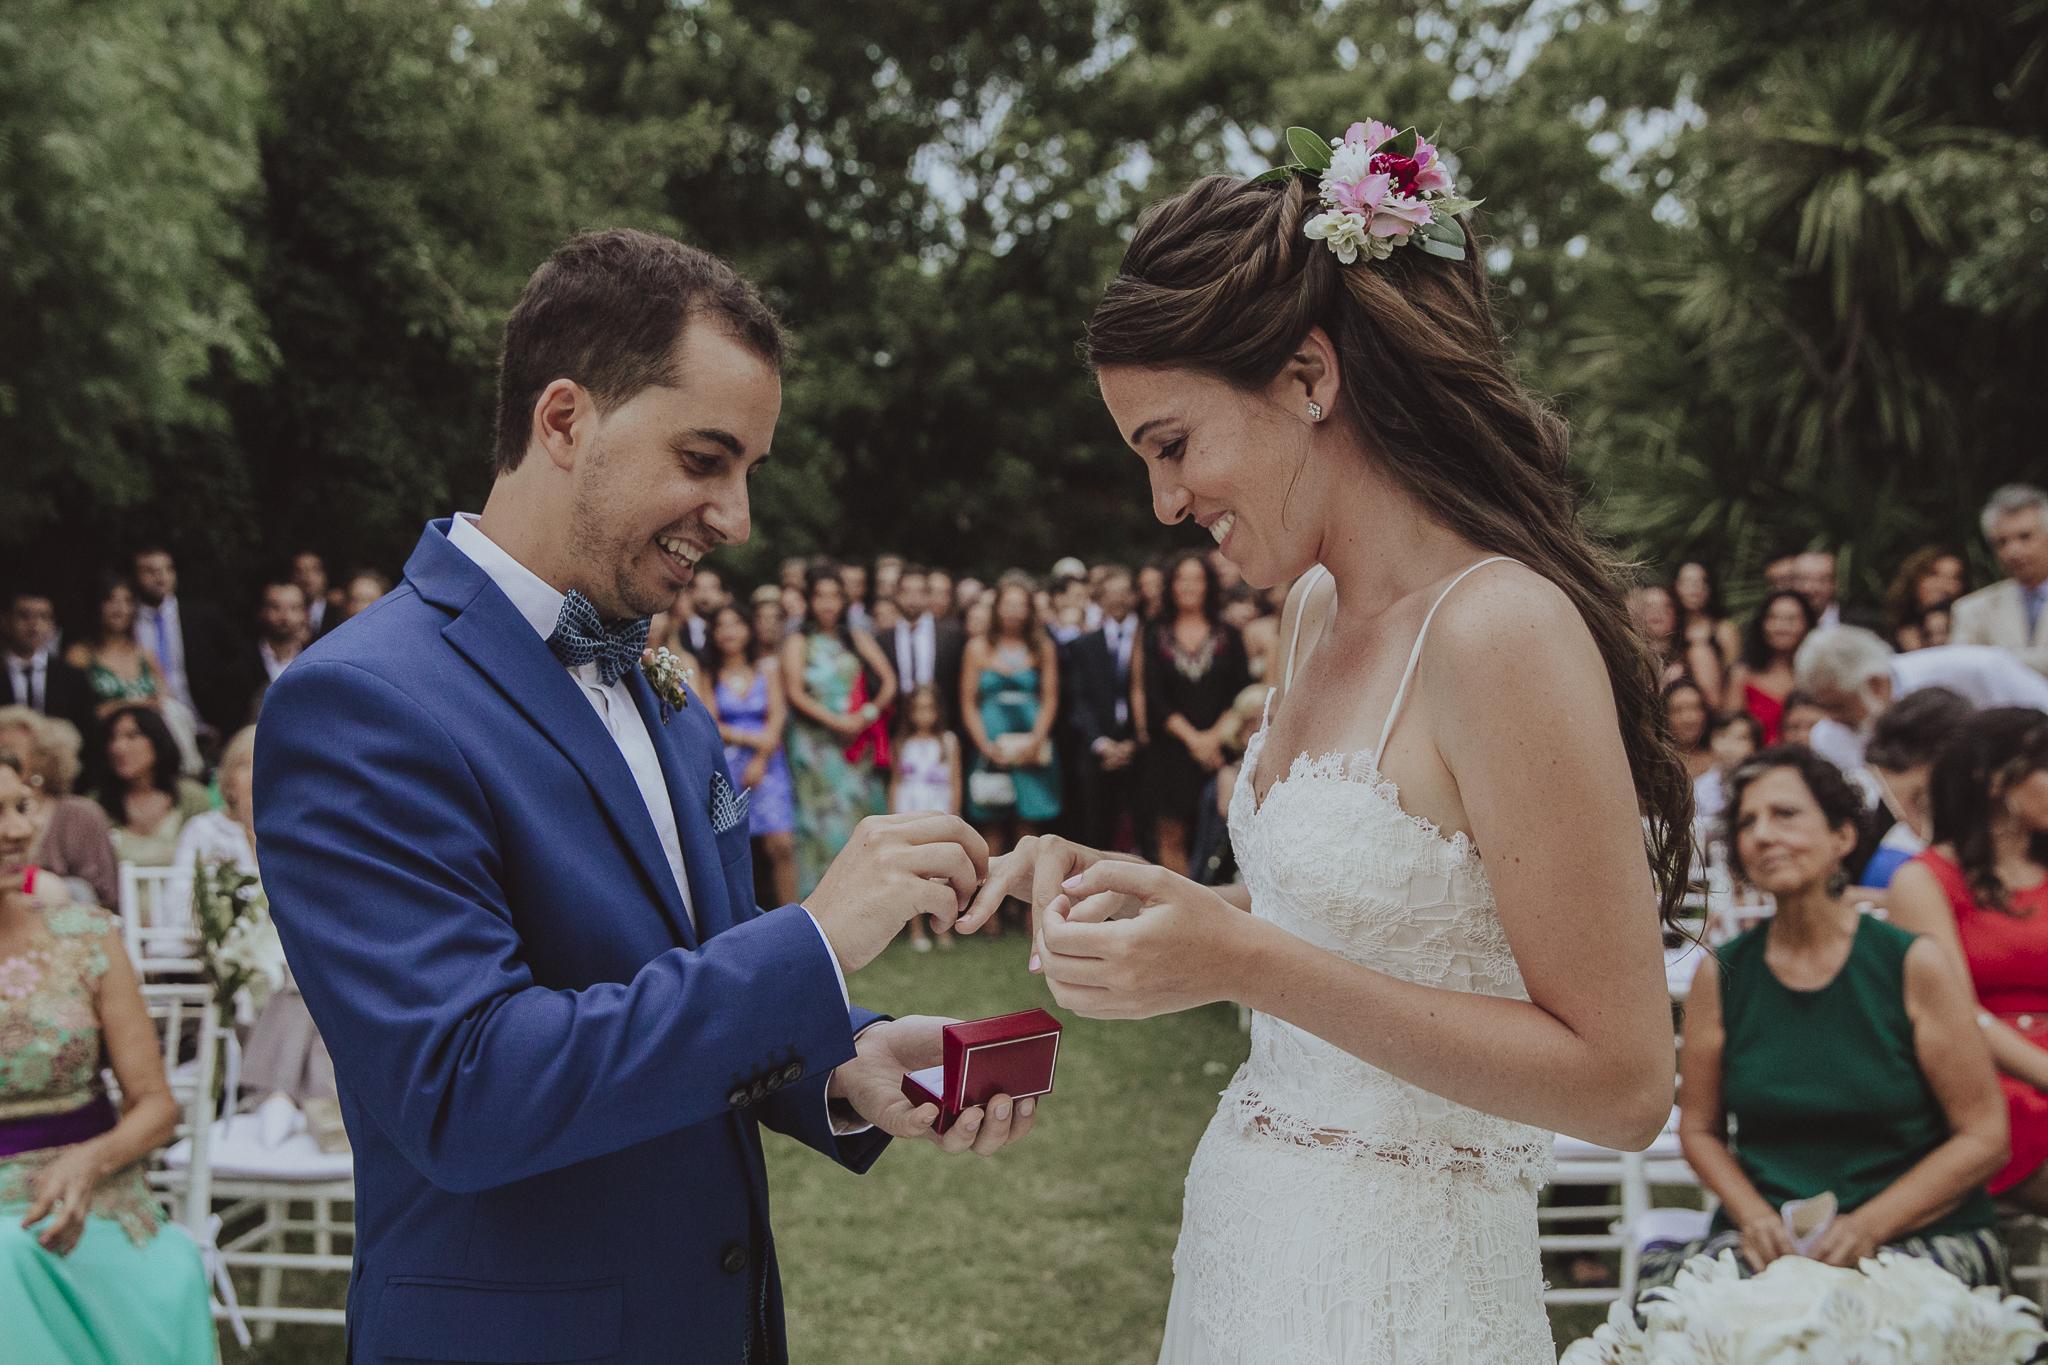 bodas unicas - fotografia de bodas uruguay - mika alvarez - 03